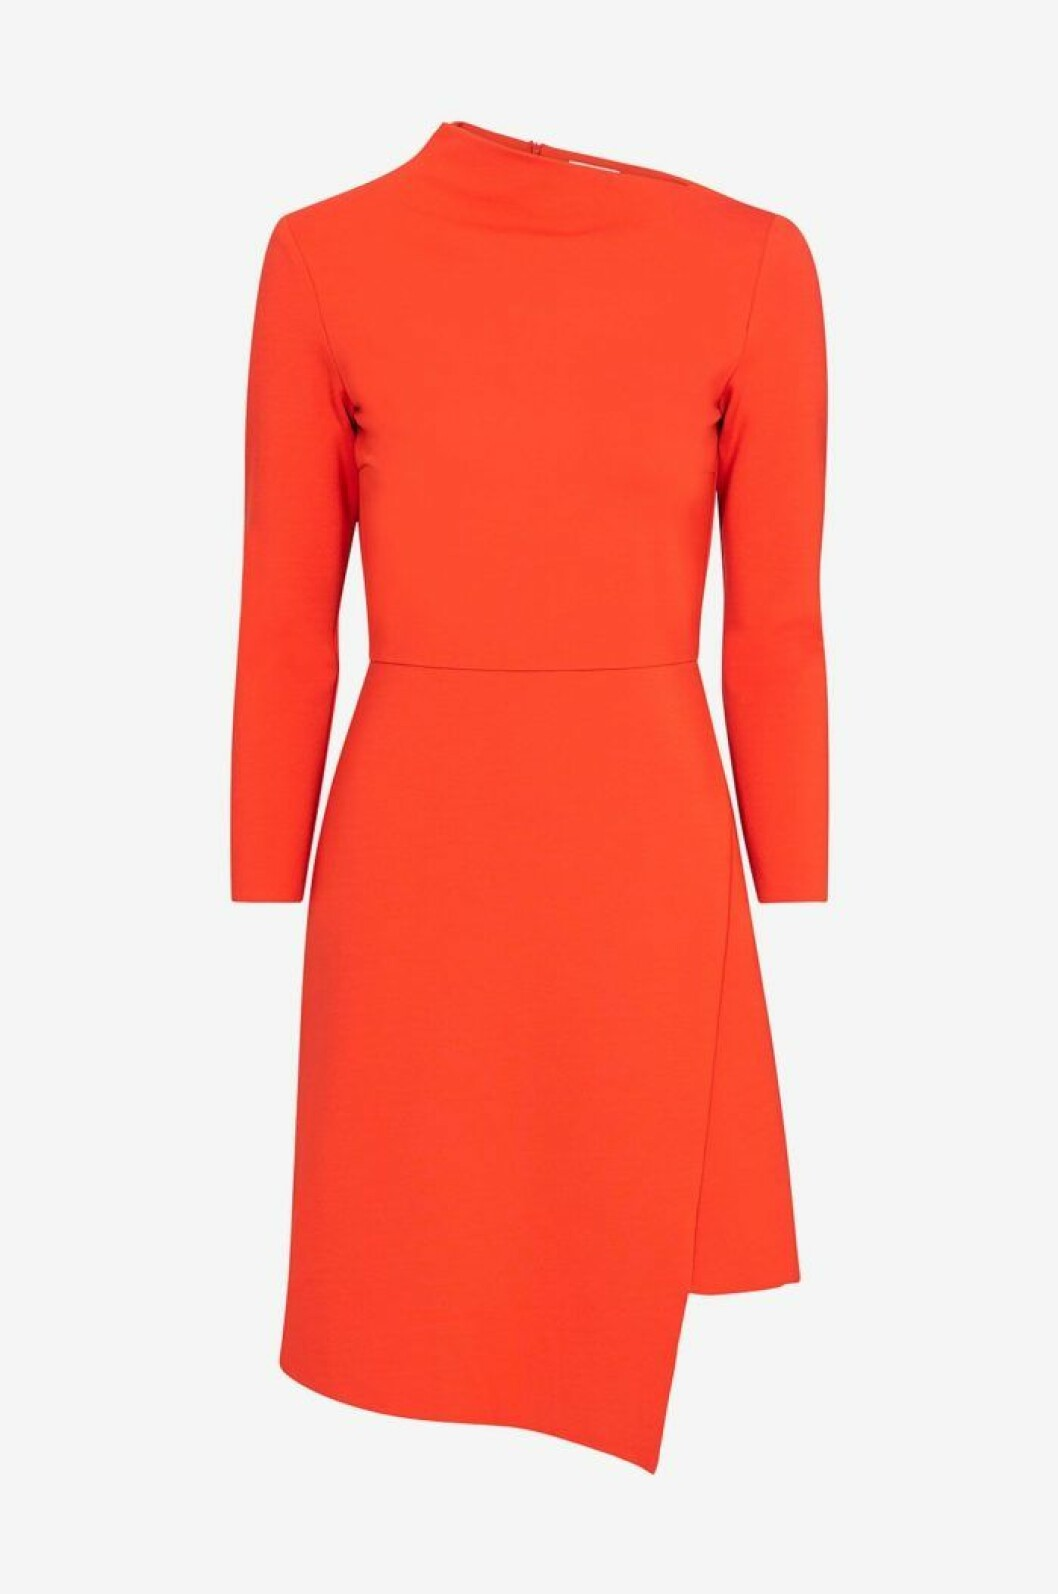 Röd klänning med assymmetrisk skärning i hals och fåll. Från Dagmar.